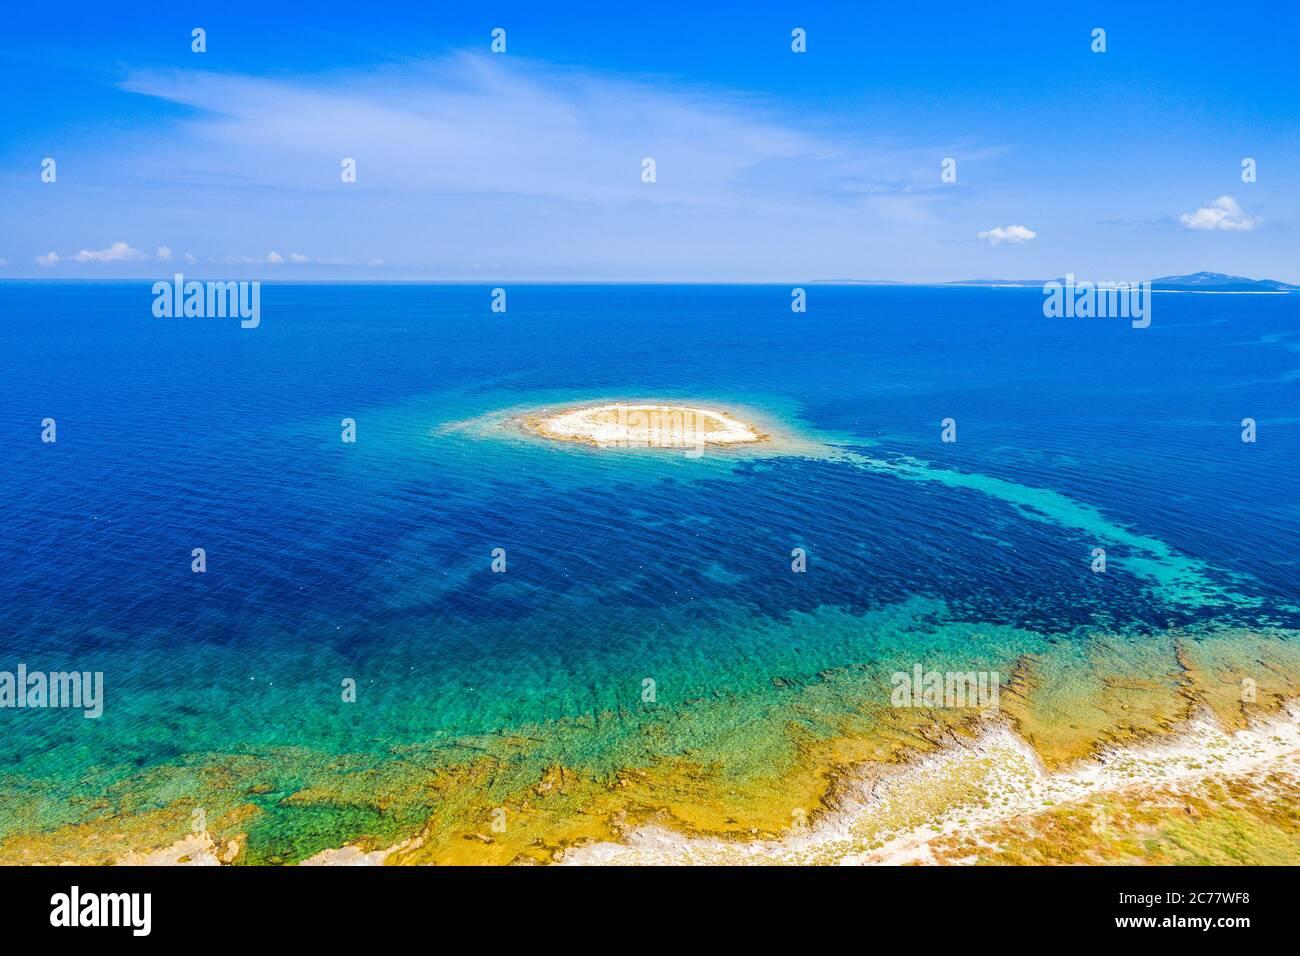 Costa Adriática en Croacia, pequeña isla hermosa de Mali Lagan en el mar turquesa en el archipiélago de Dugi Otok, vista aérea de desde el drone Foto de stock